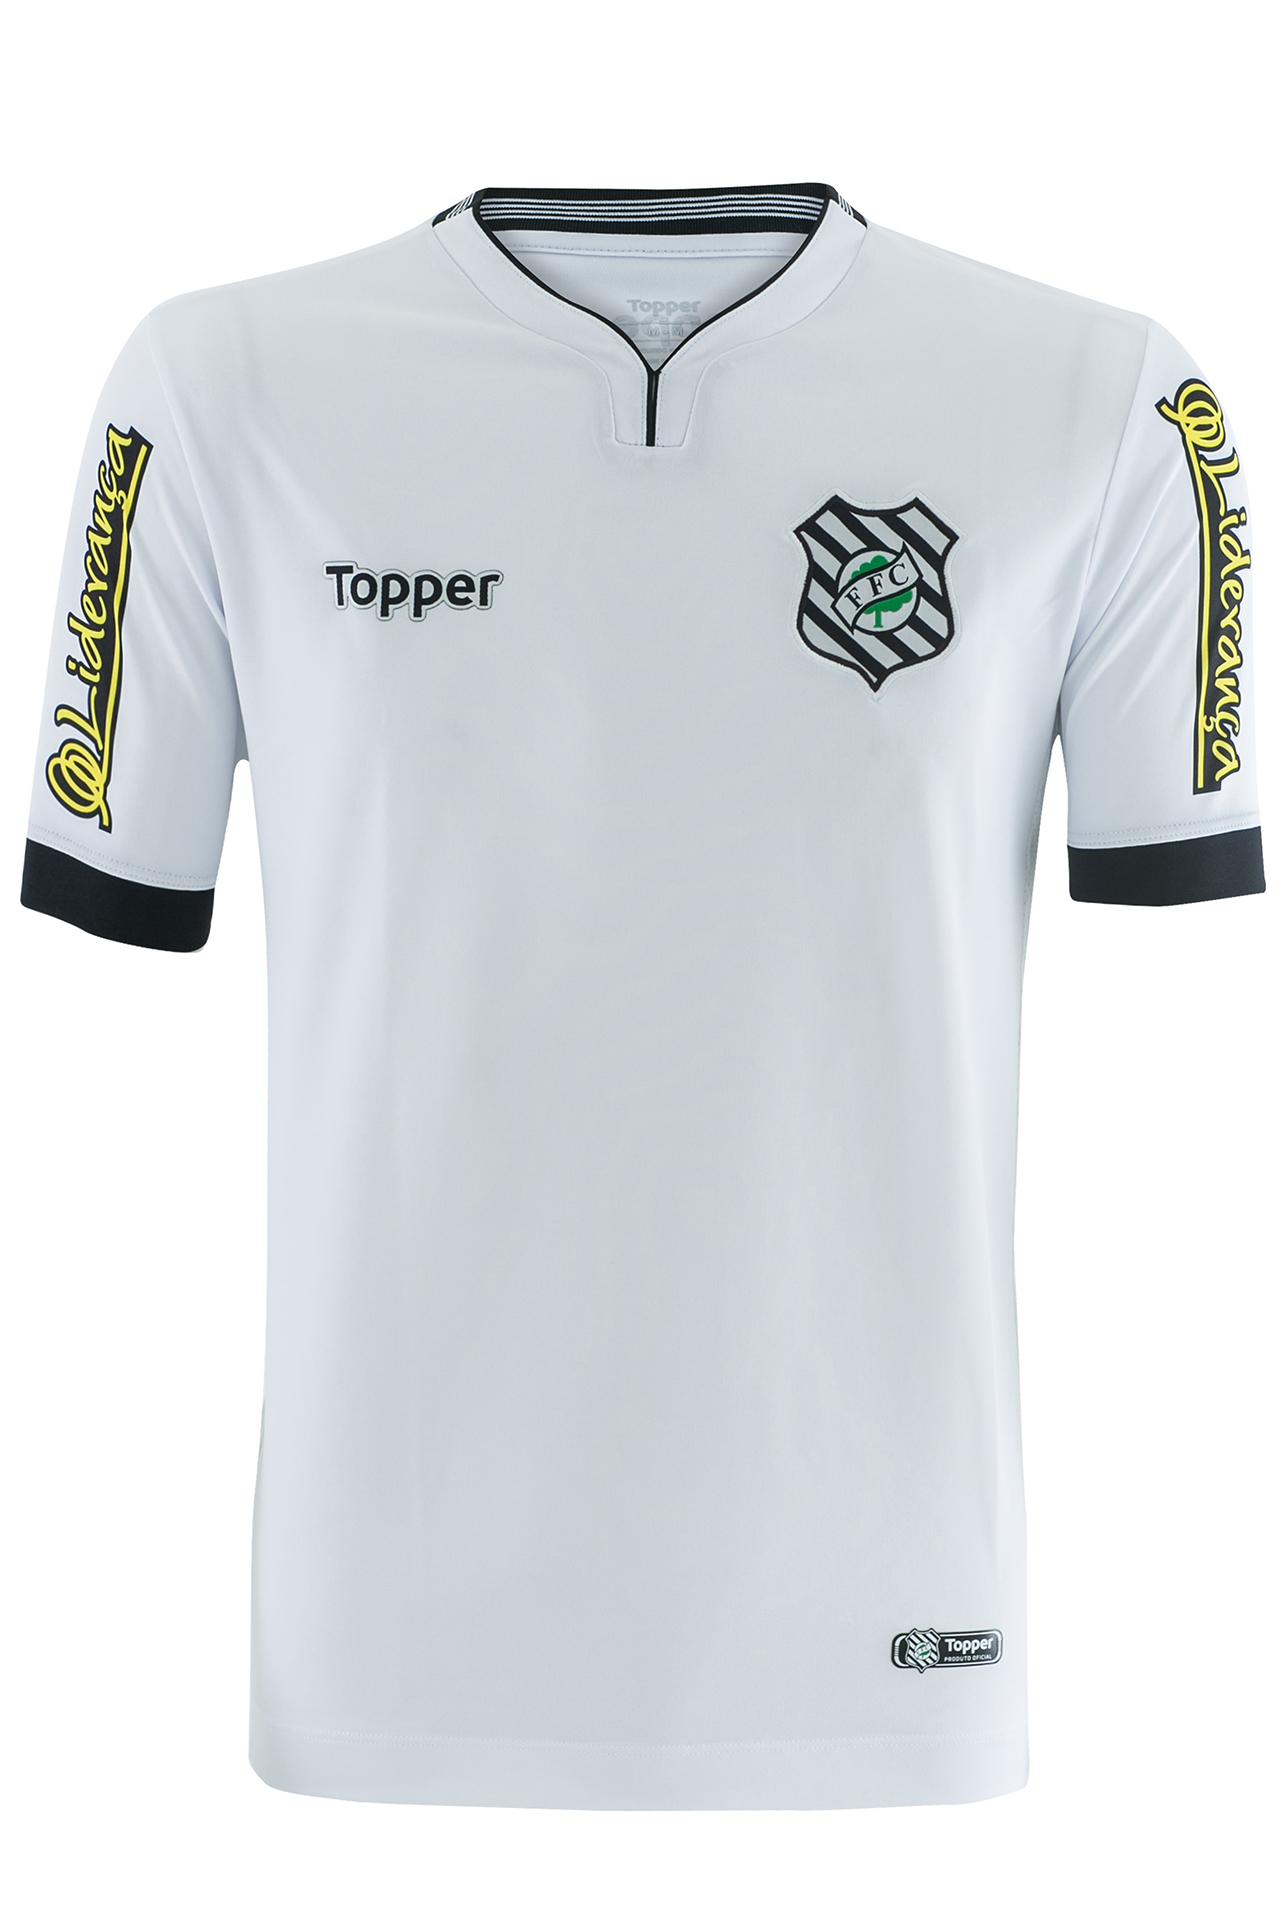 Figueirense muda fornecedora e apresenta novas camisas 1 e 2  7a91360efbf38